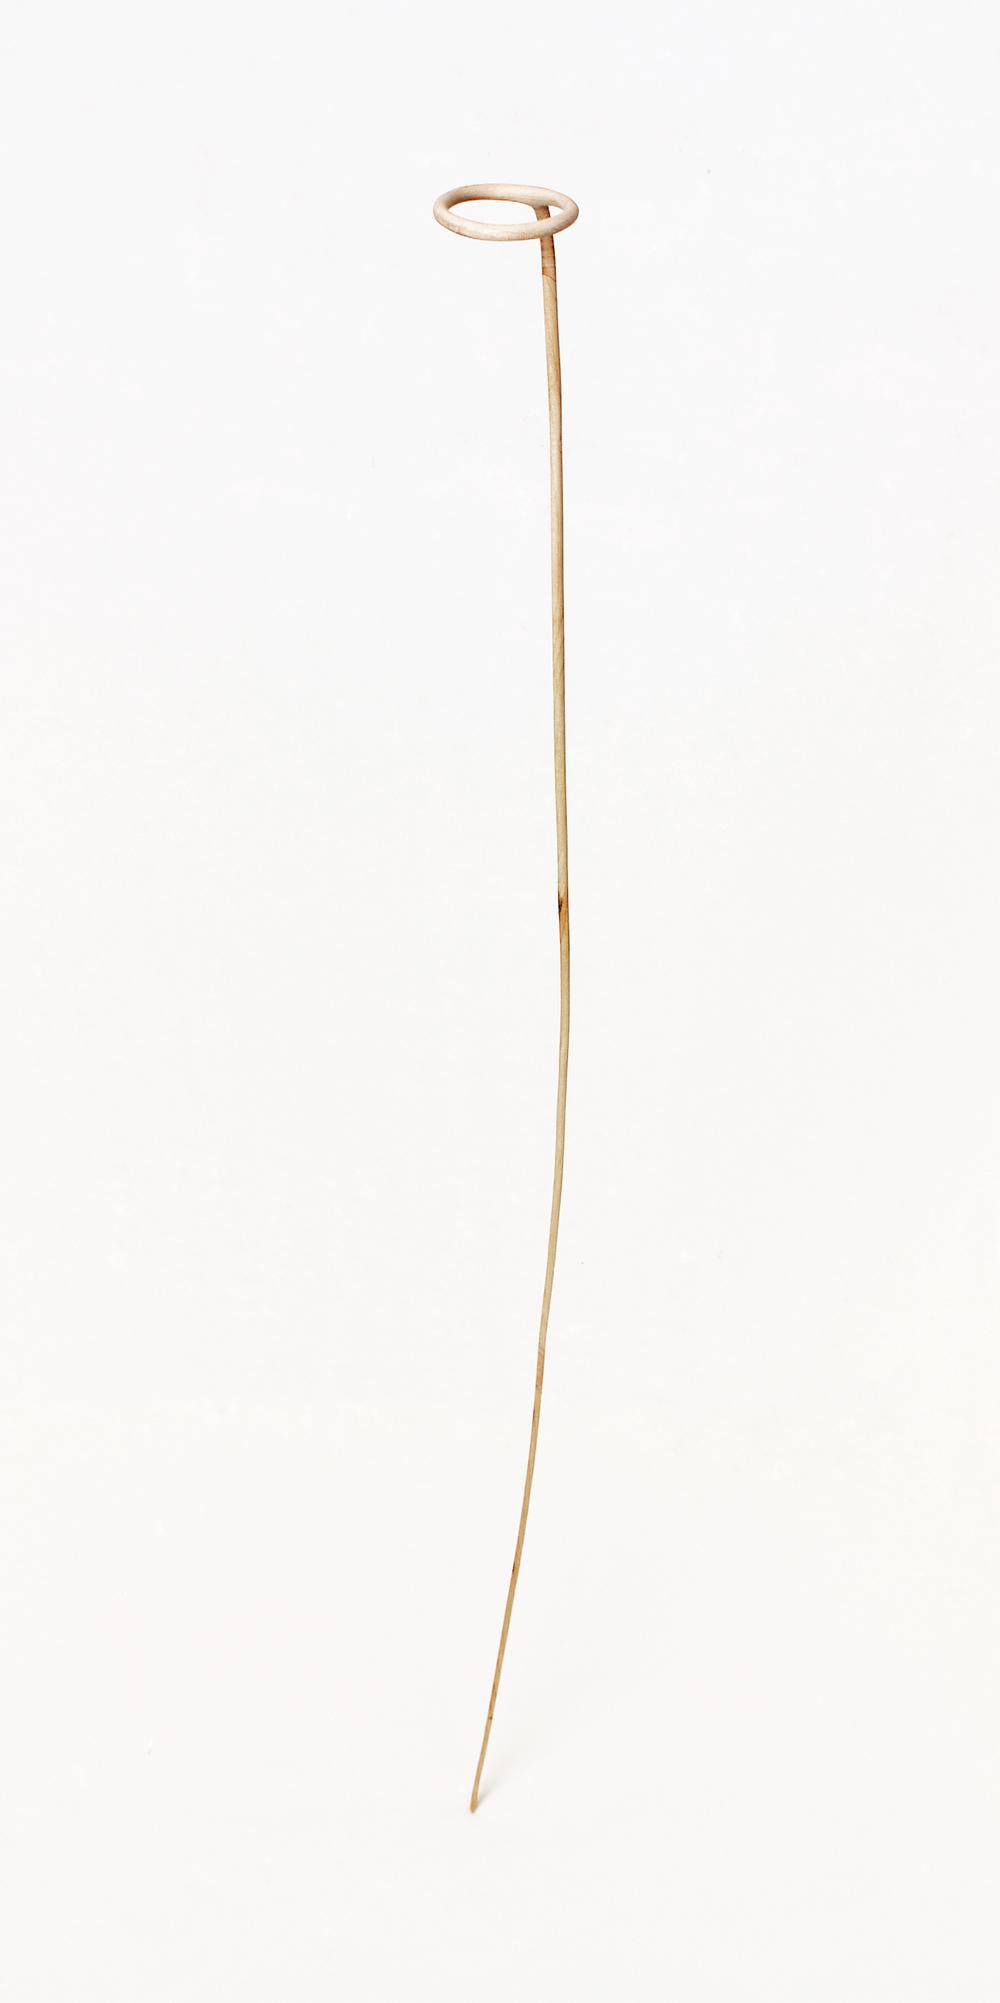 Lone, 2008